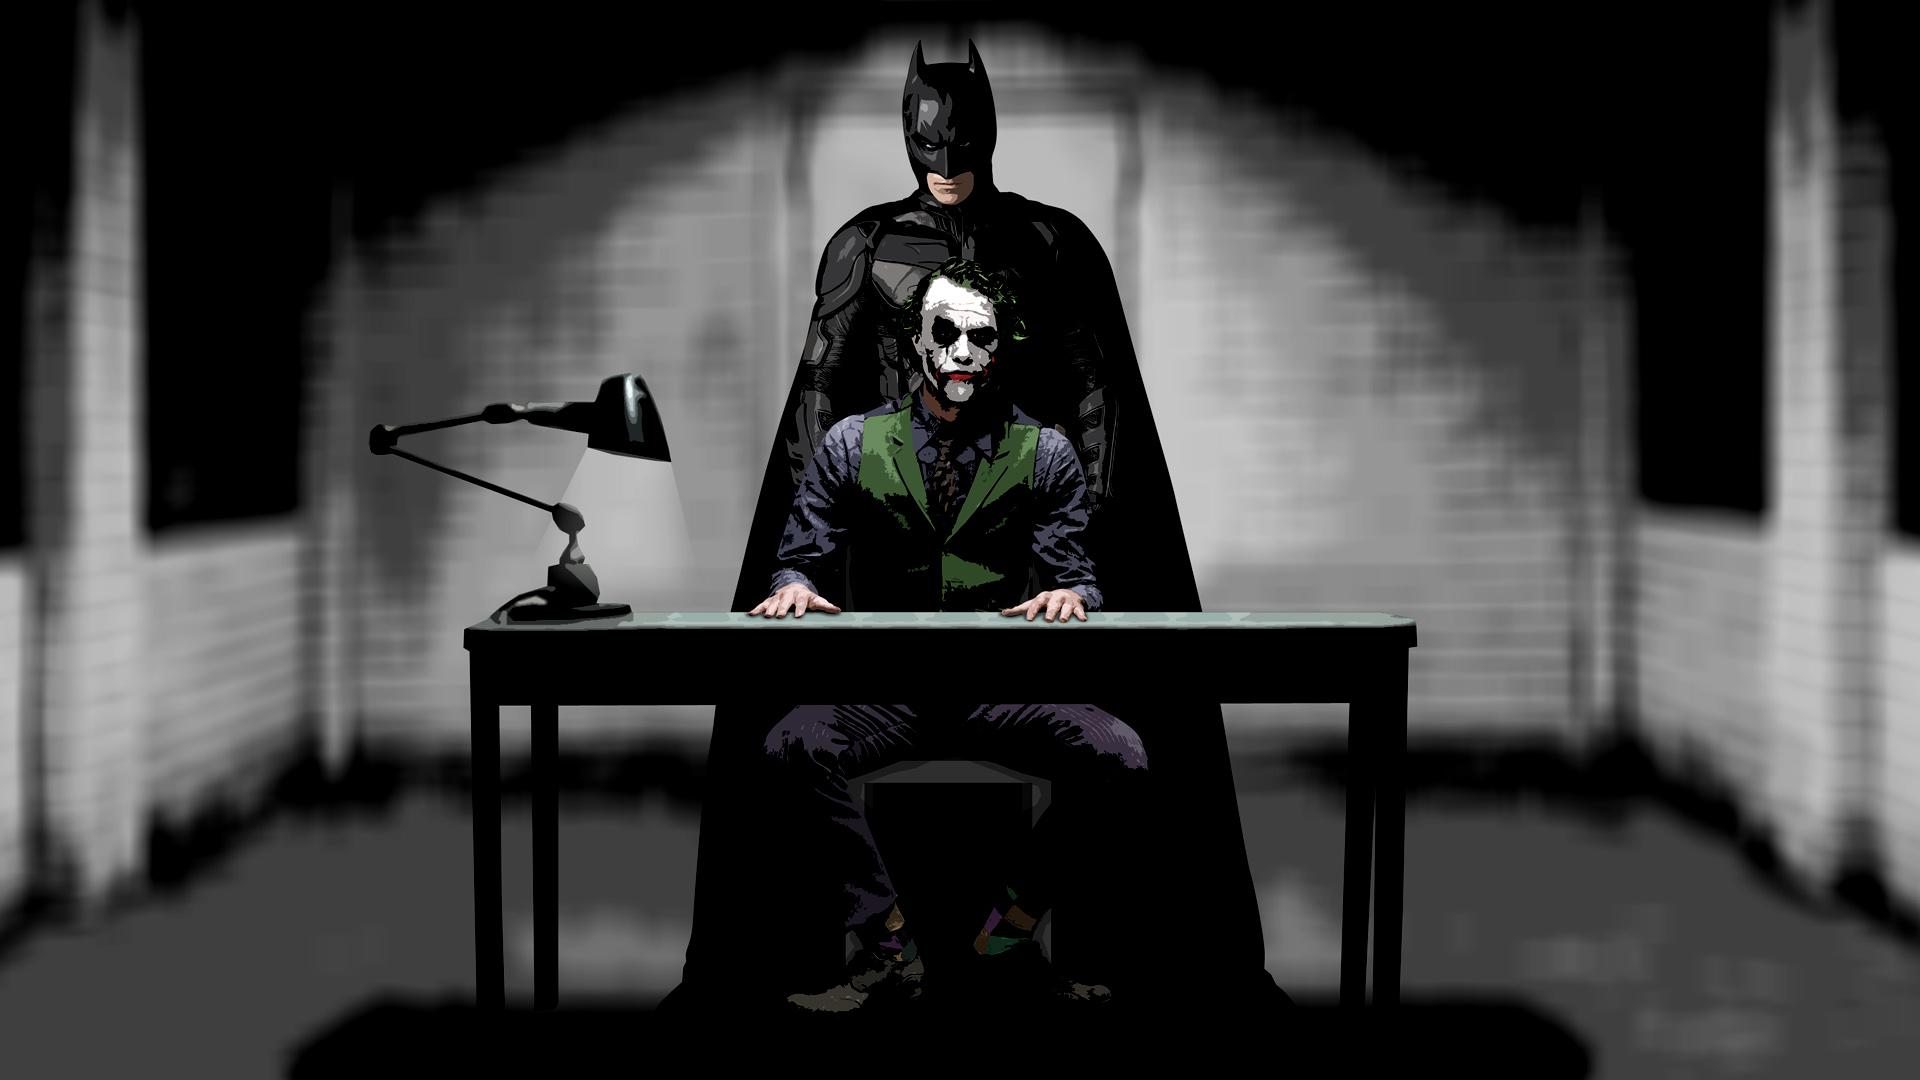 Batman Joker Hd Wallpapers 1080p Joker And Batman Wallpaper Hd